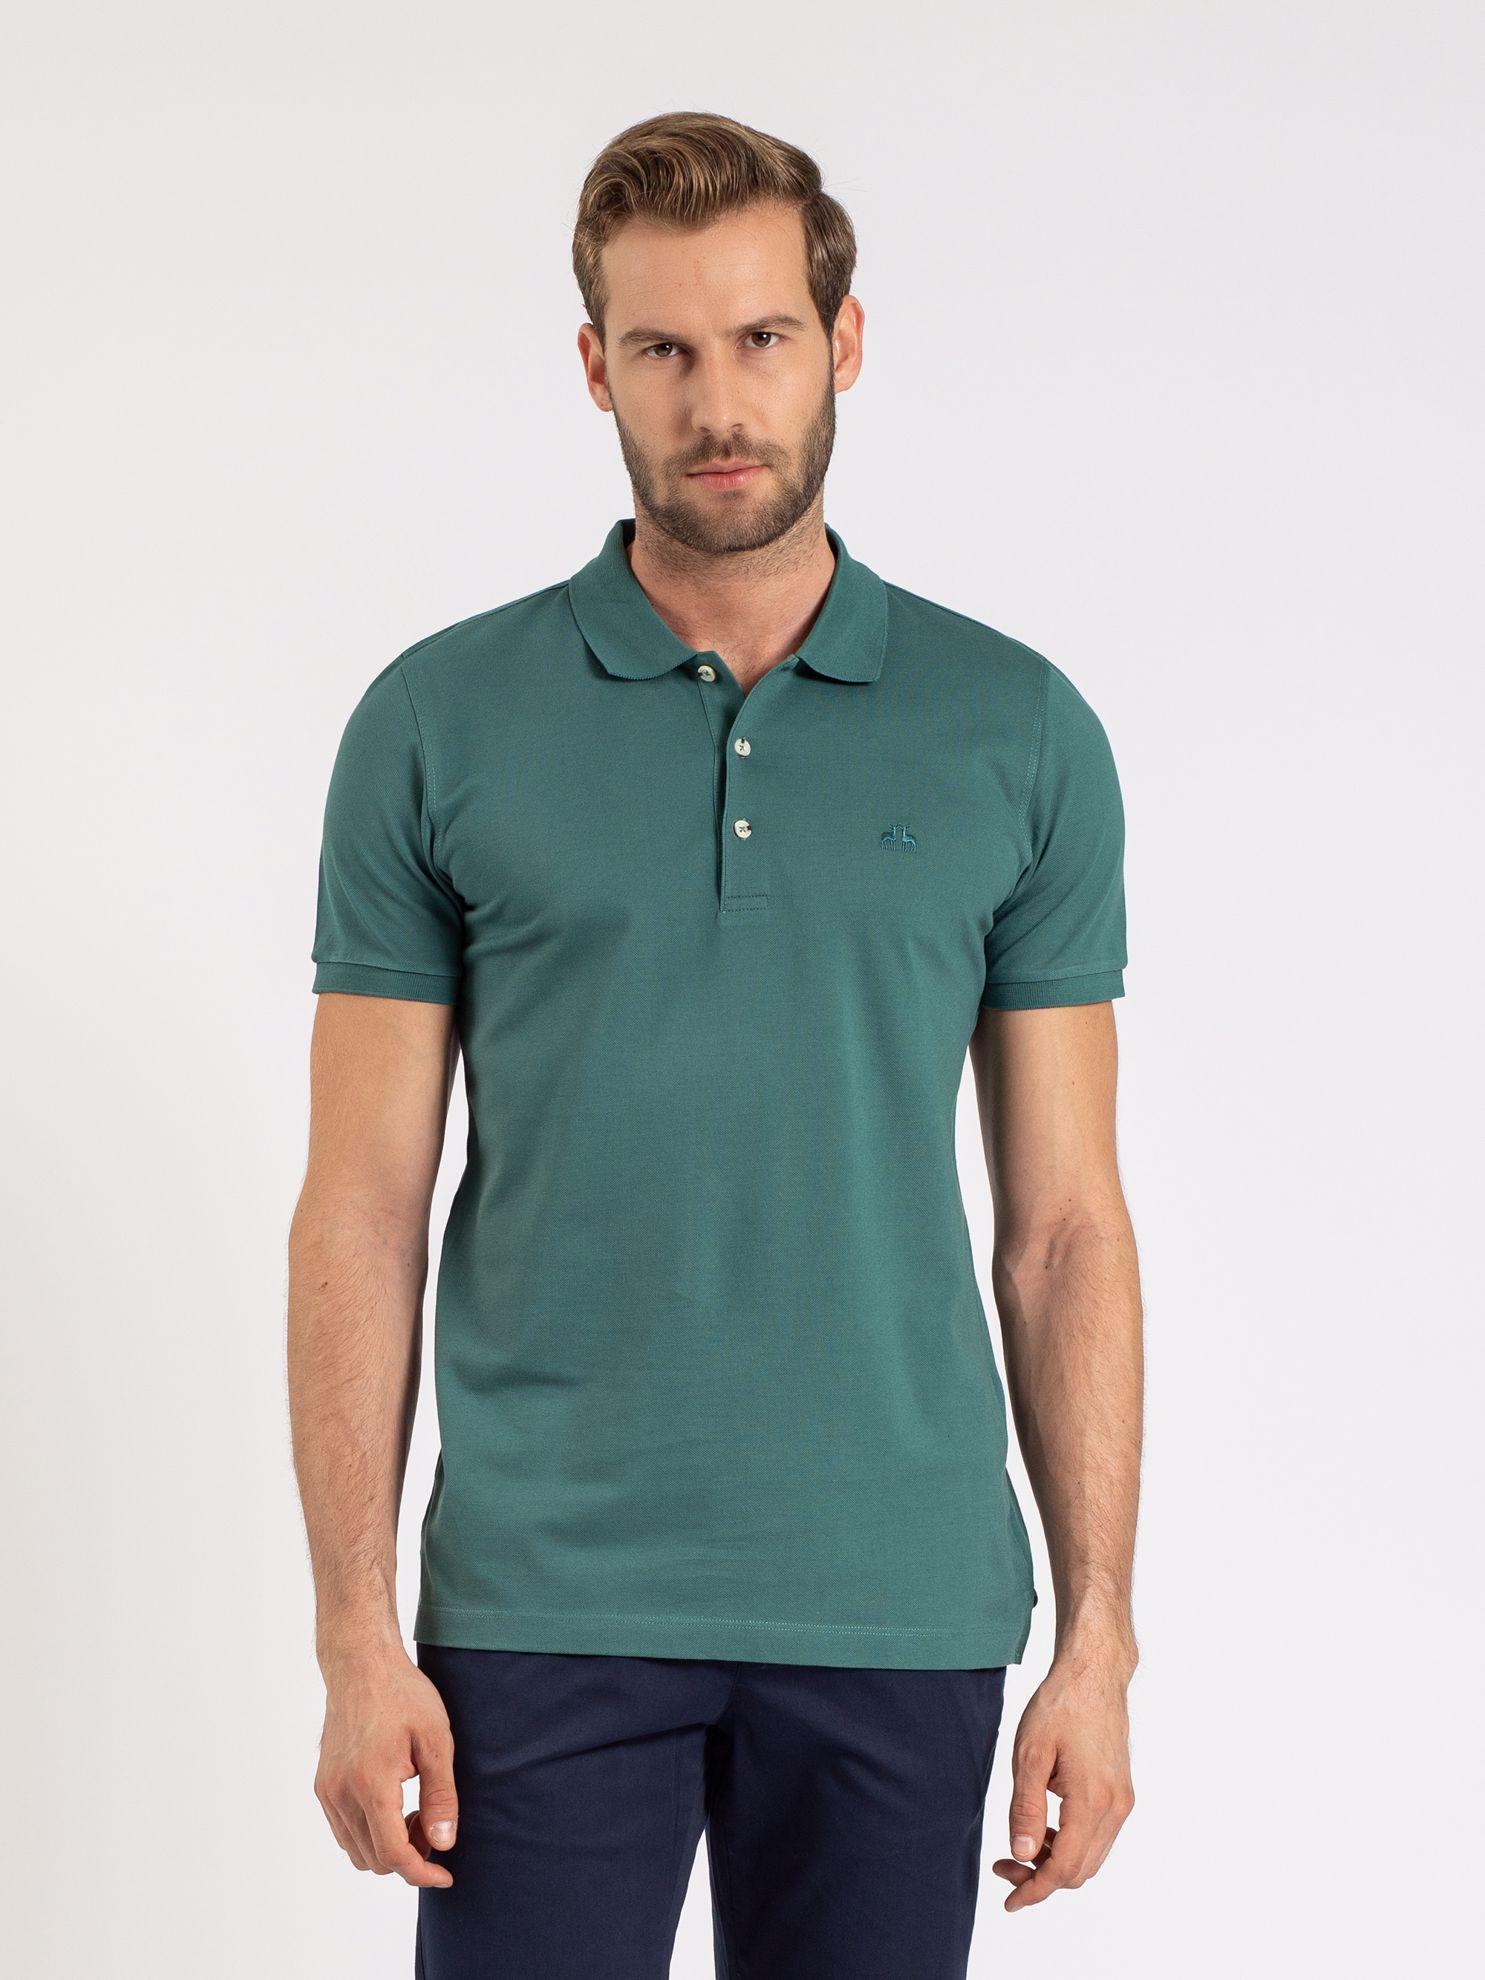 Karaca Erkek Slım Fıt Polo Yaka Tişört-Koyu Yeşil. ürün görseli